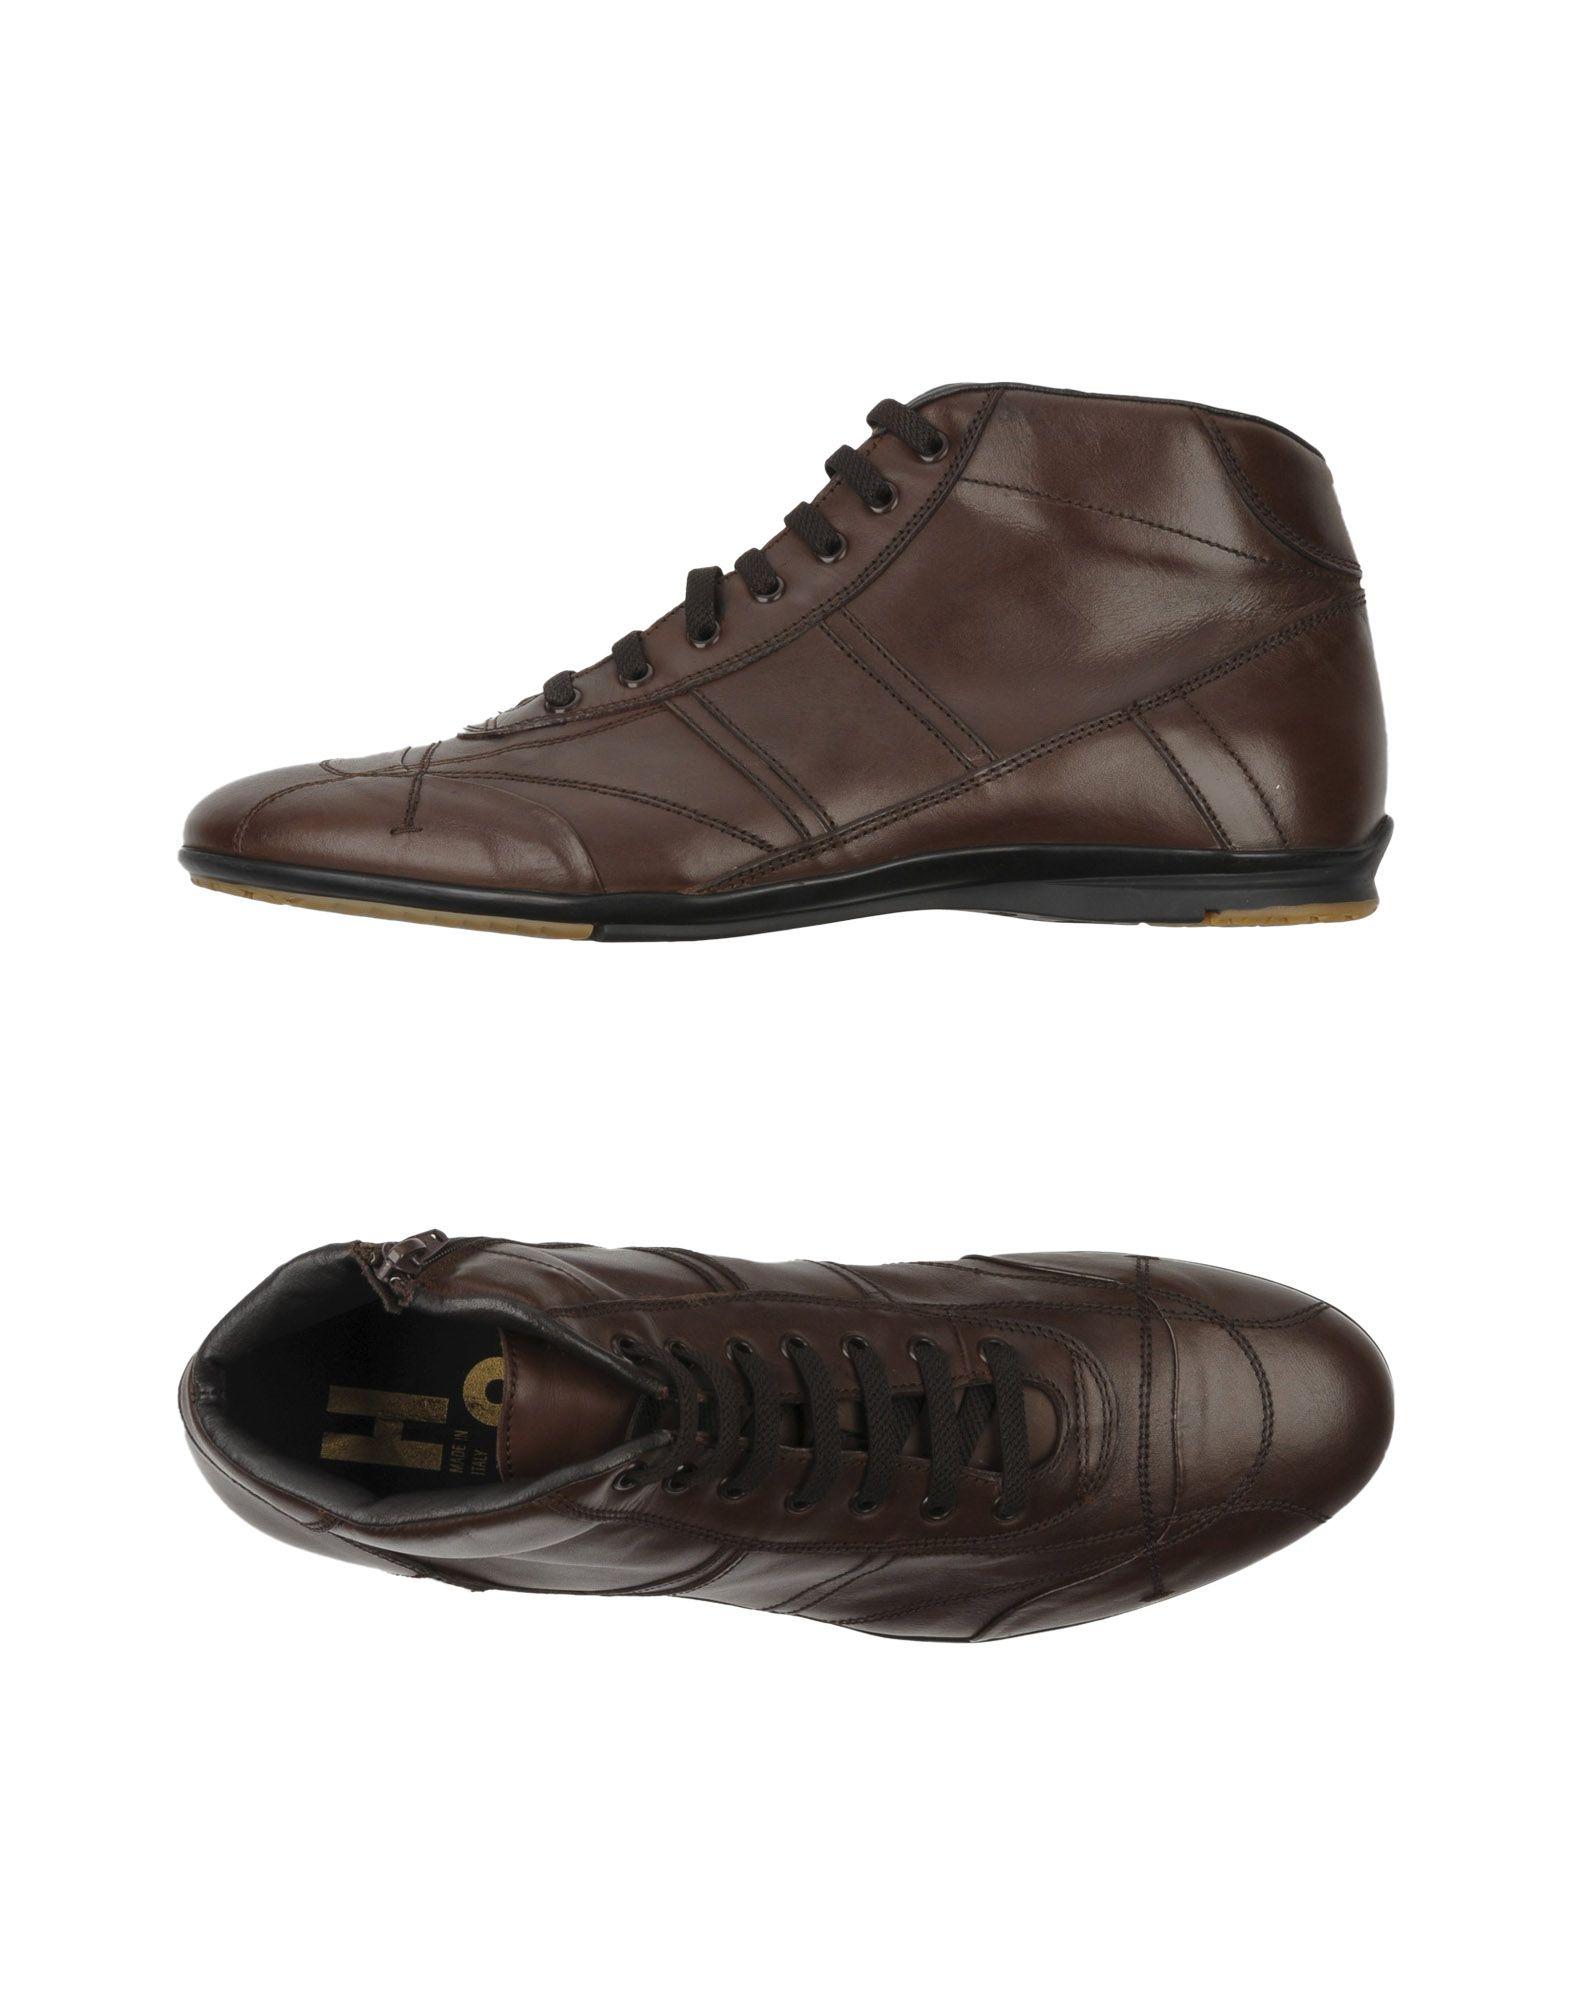 ALEXANDER HOTTO Высокие кеды и кроссовки alexander hotto оригинальные кожаные кроссовки бренда alexander hotto